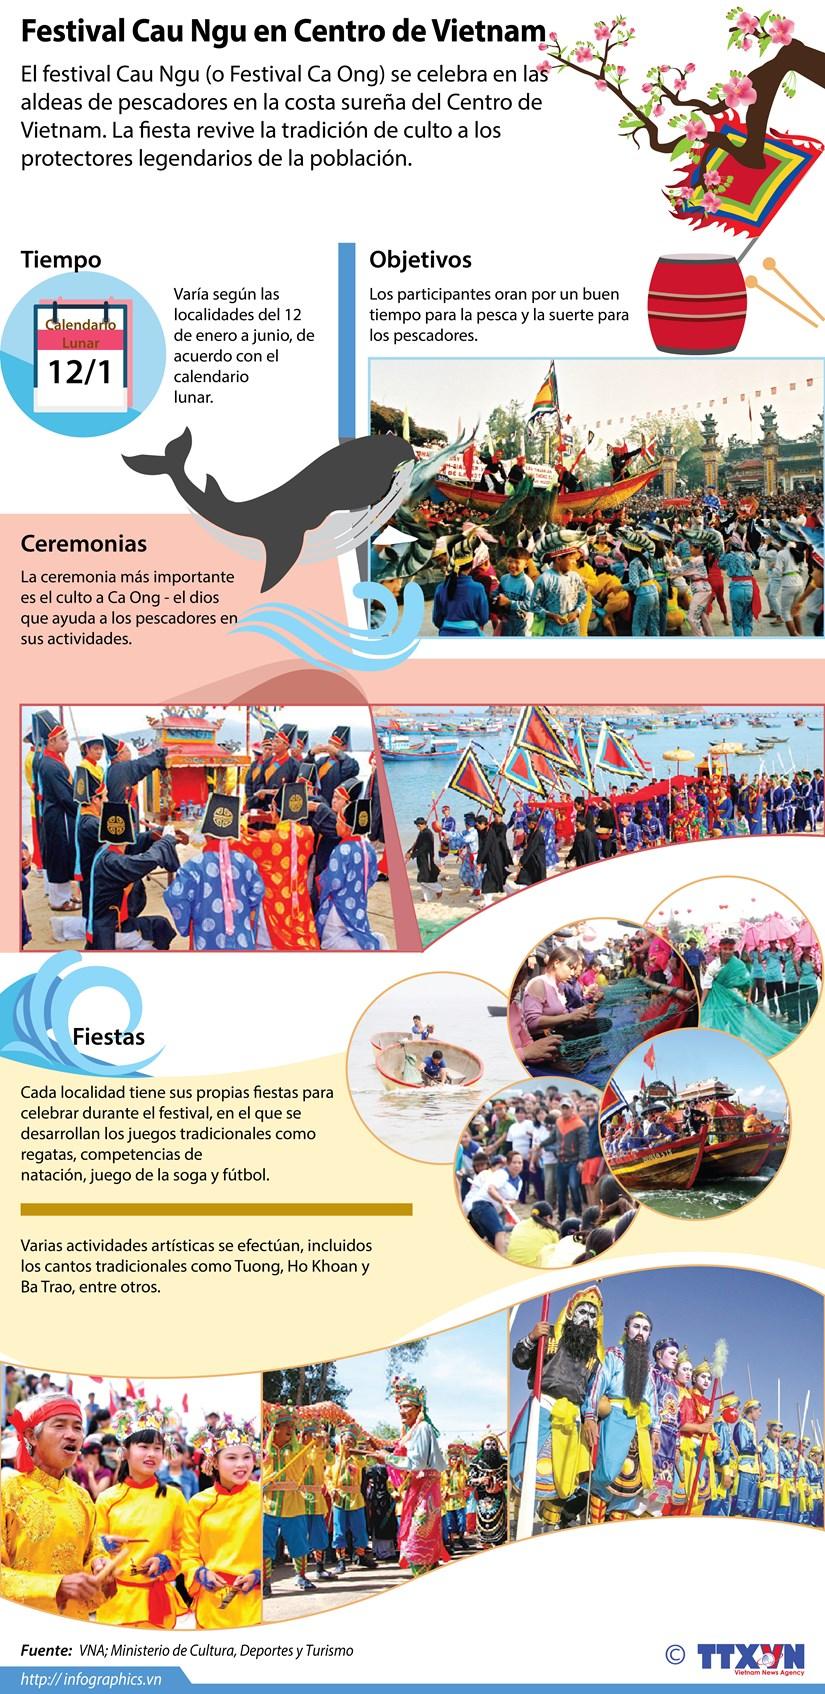 [Infografia] Festival Cau Ngu en Centro de Vietnam hinh anh 1